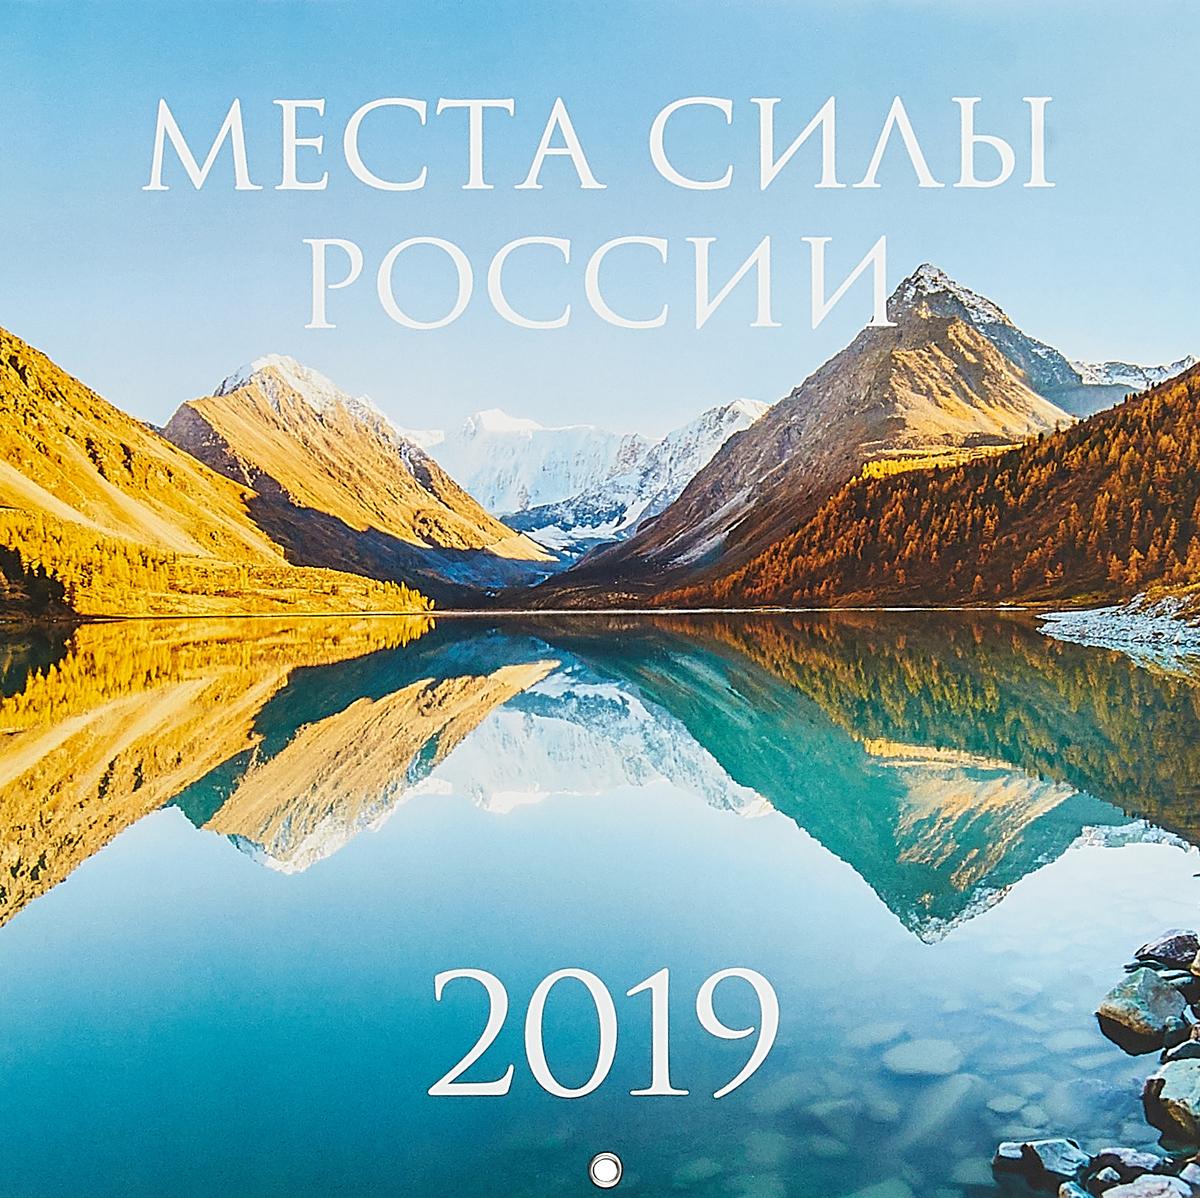 Календарь 2019. Места силы России.